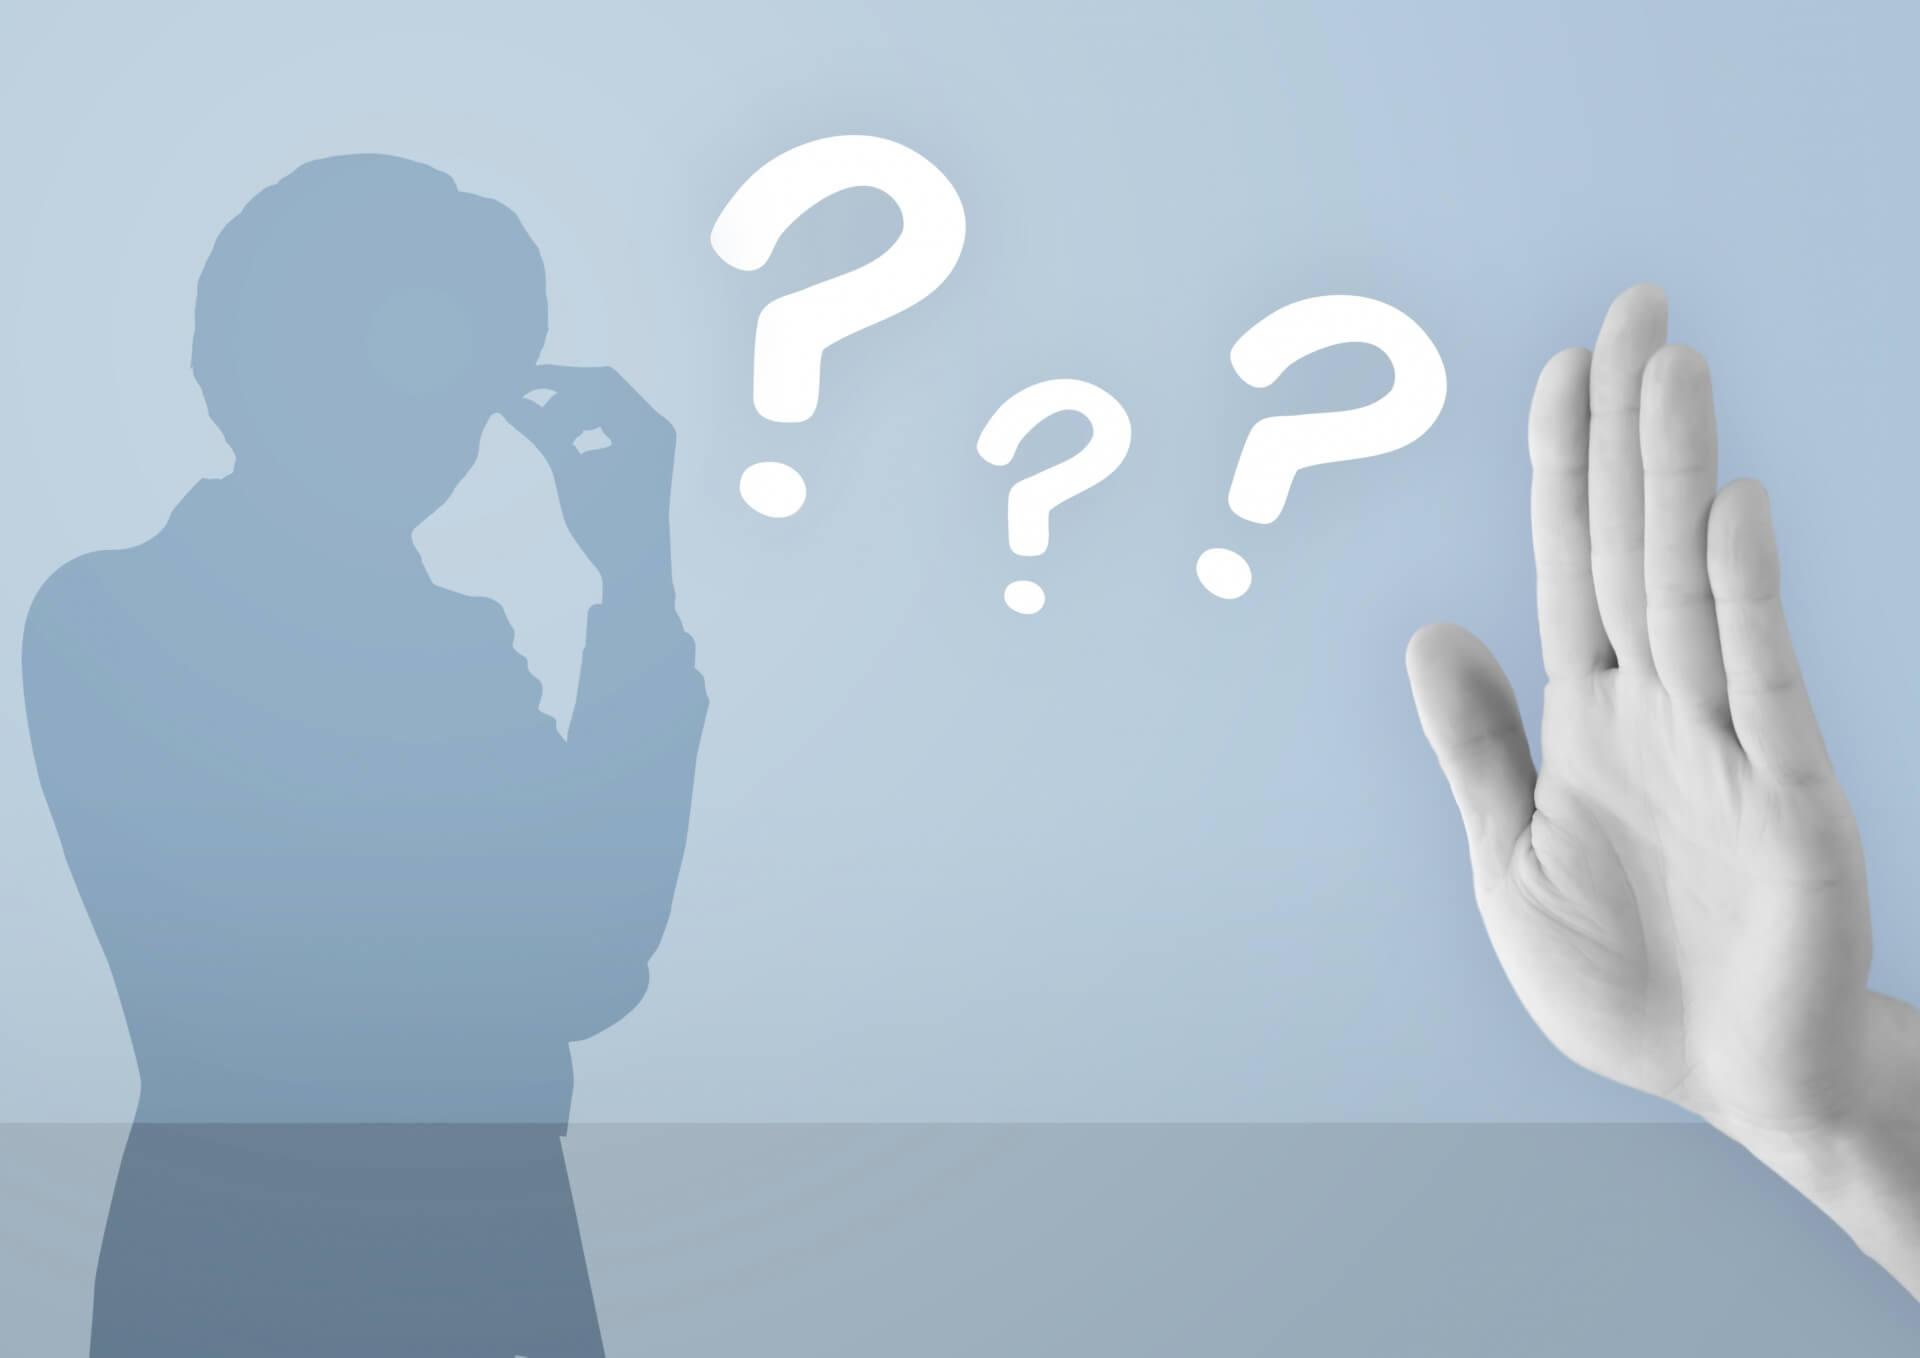 人間関係リセット症候群、された側はどう感じる?